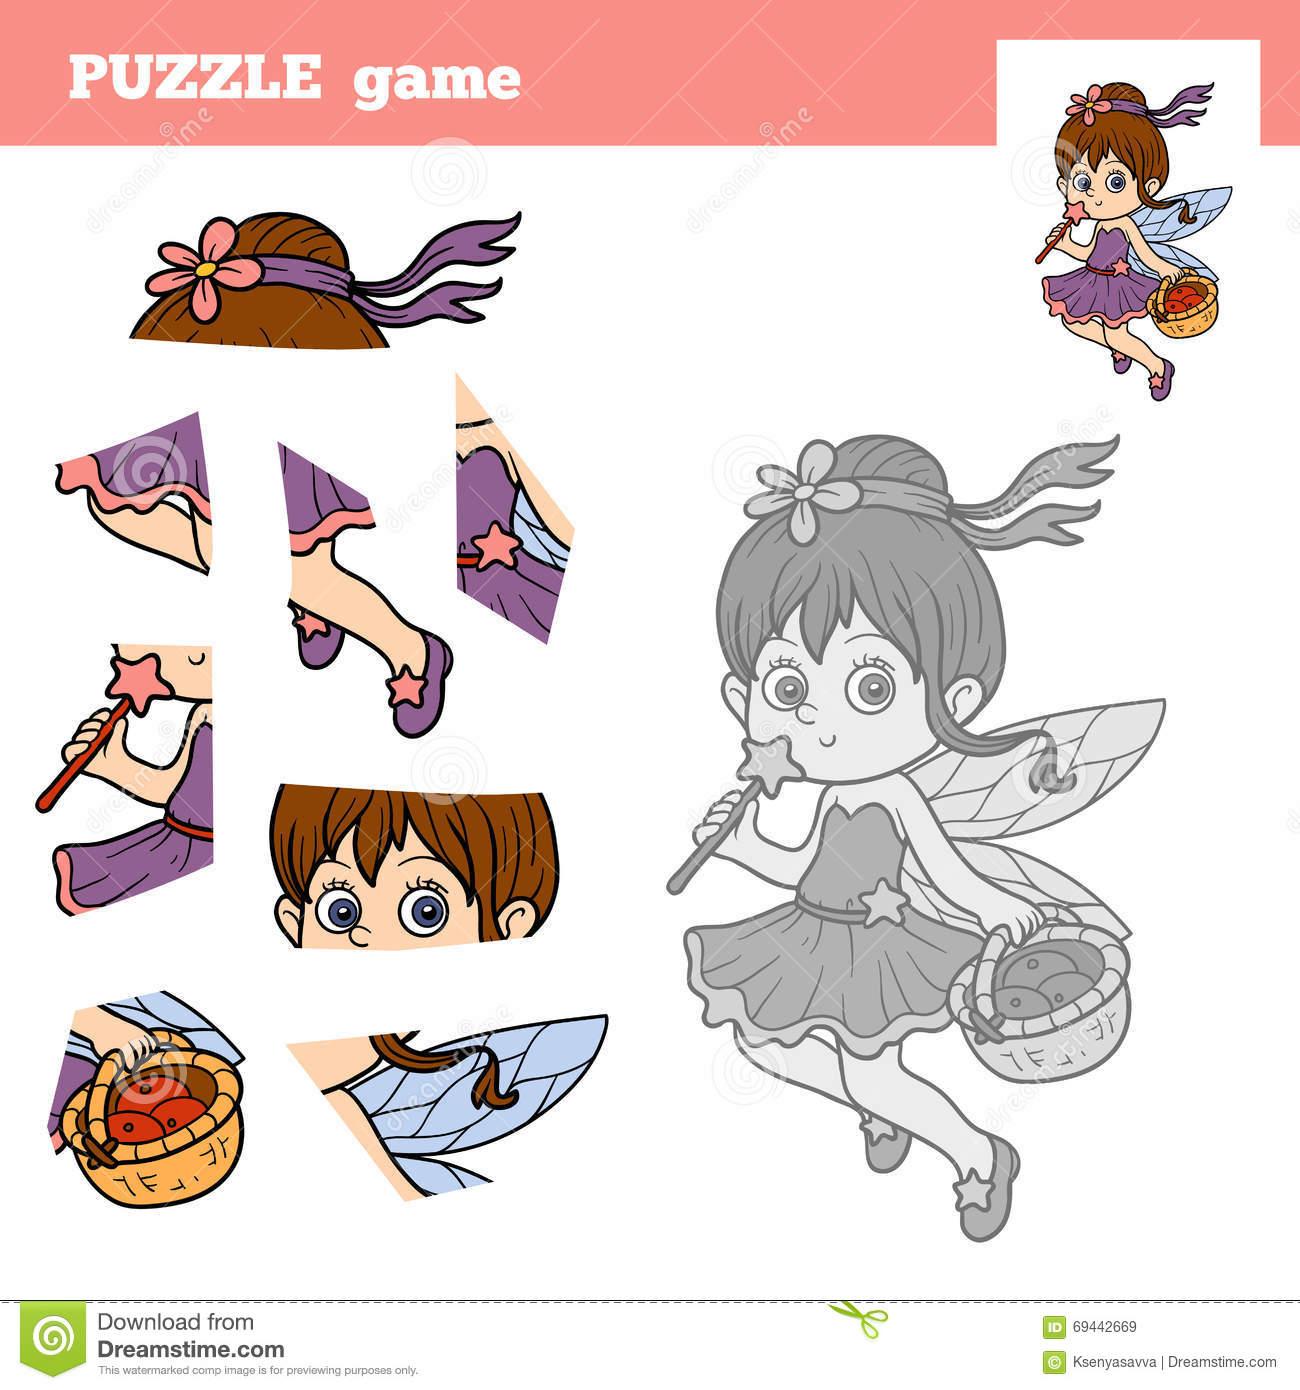 Jeux De Puzzle De Fee Telecharger | Denmonasse.ml encequiconcerne Jeux Gratuit Maternelle